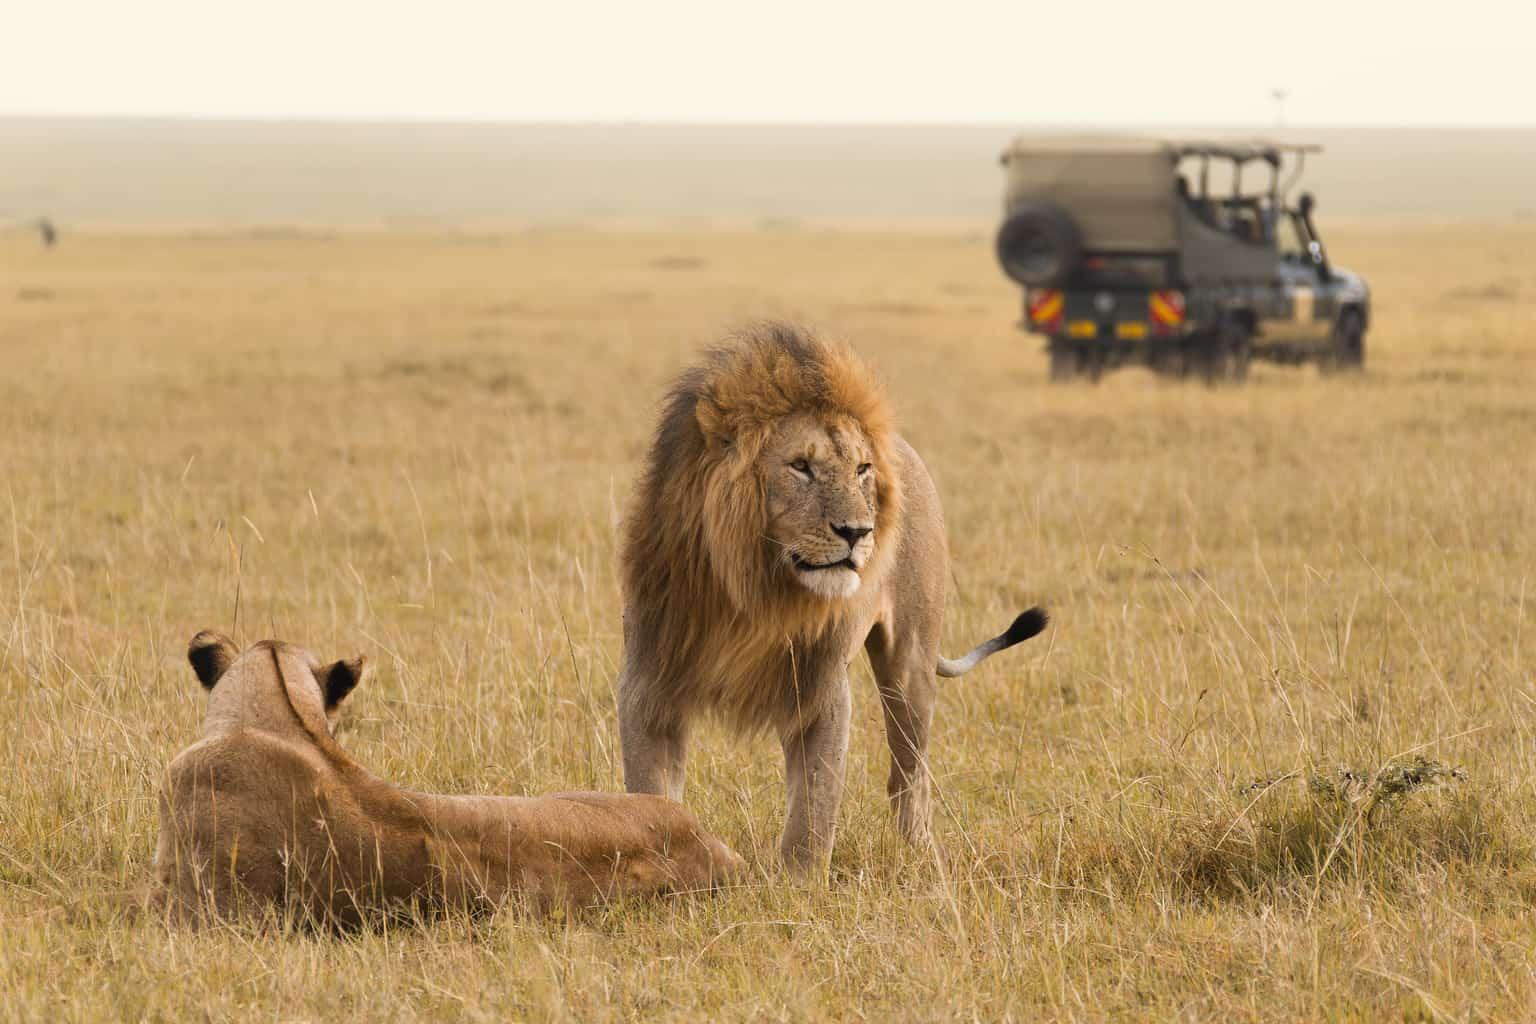 No-Masai-Mara-o-ideal-é-explorar-as-savanas-logo-de-manhã-já-que-esse-é-considerado-um-dos-melhores-momentos-para-a-observação-de-grandes-felinos.